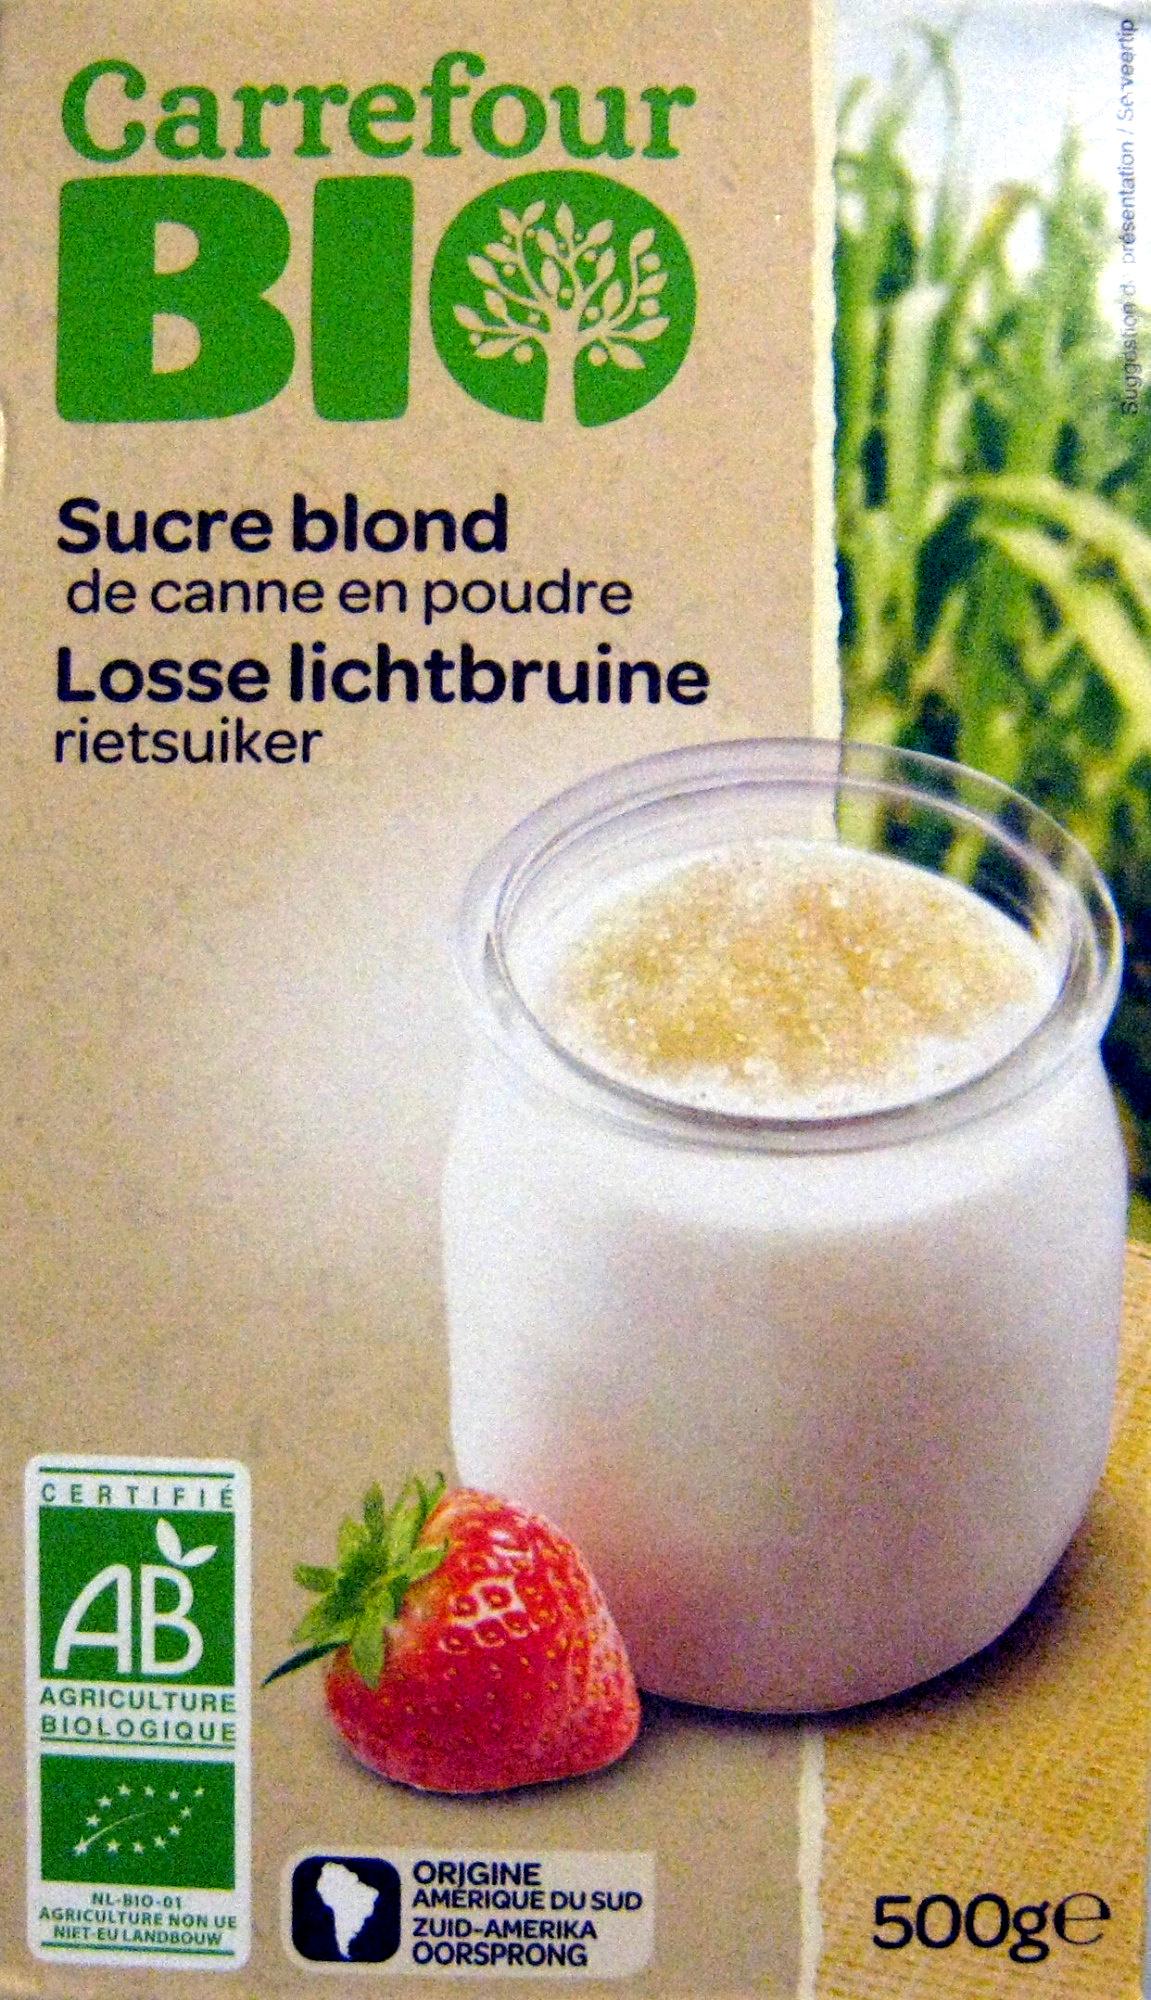 Sucre blond de canne - Produit - fr